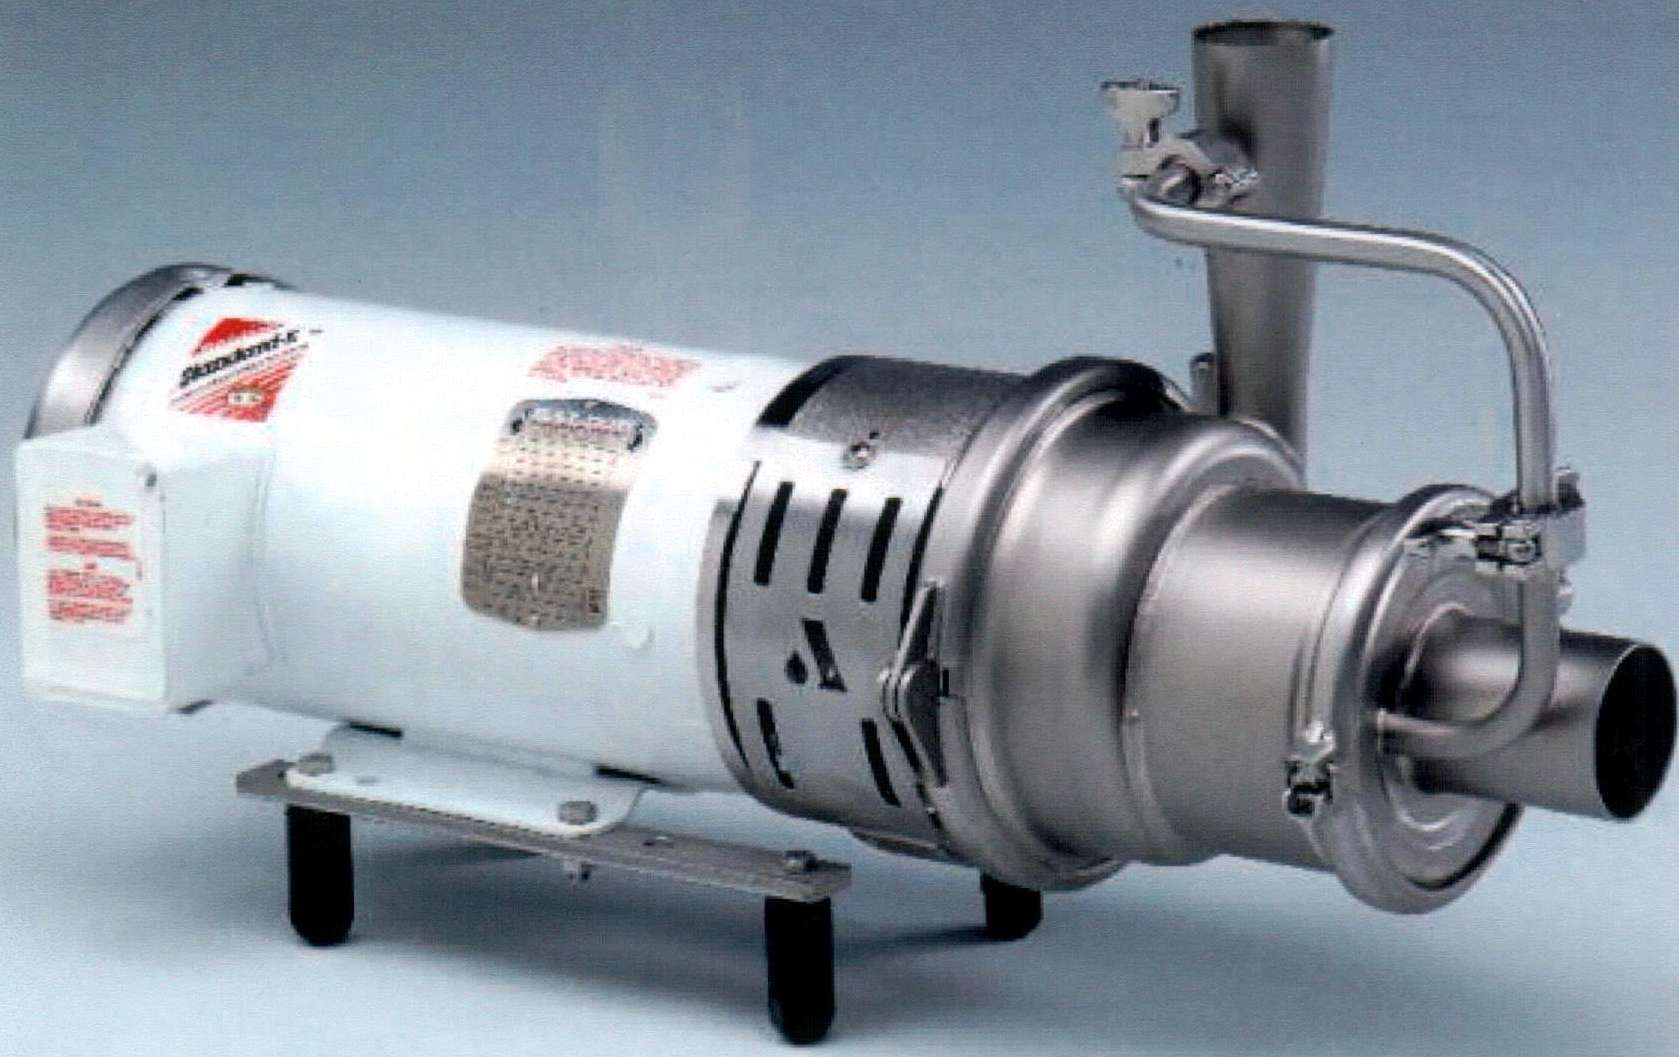 air source heat pump, geothermal heat pump, swimming pool heat pump, water tank, air to water heat pumps, ground source heat pumps